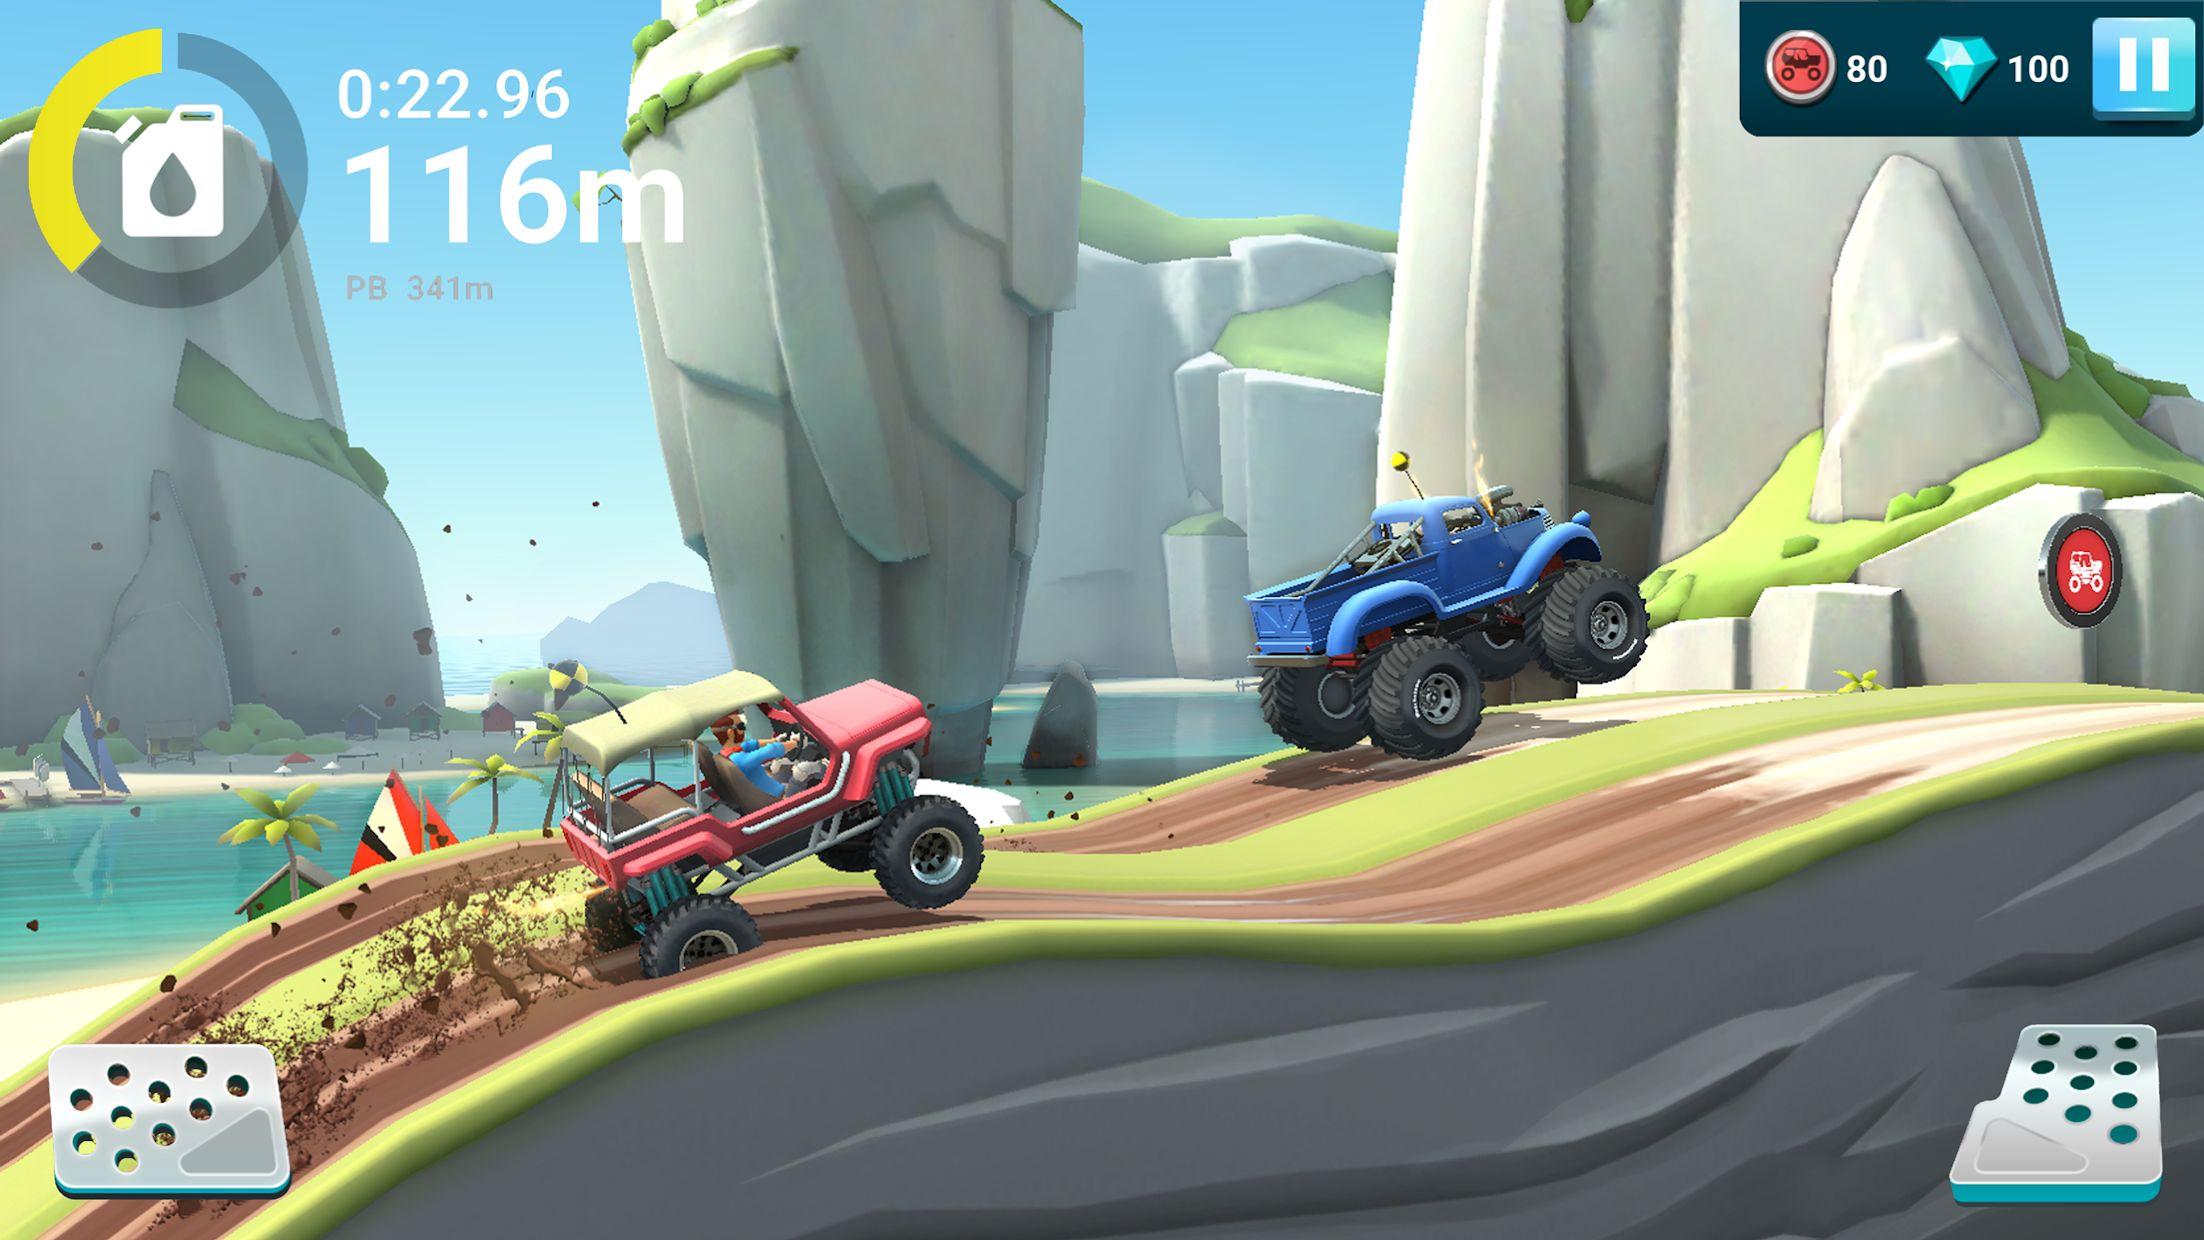 MMX 坡道狂飙 2 – 越野卡车、汽车和机车赛车 游戏截图3